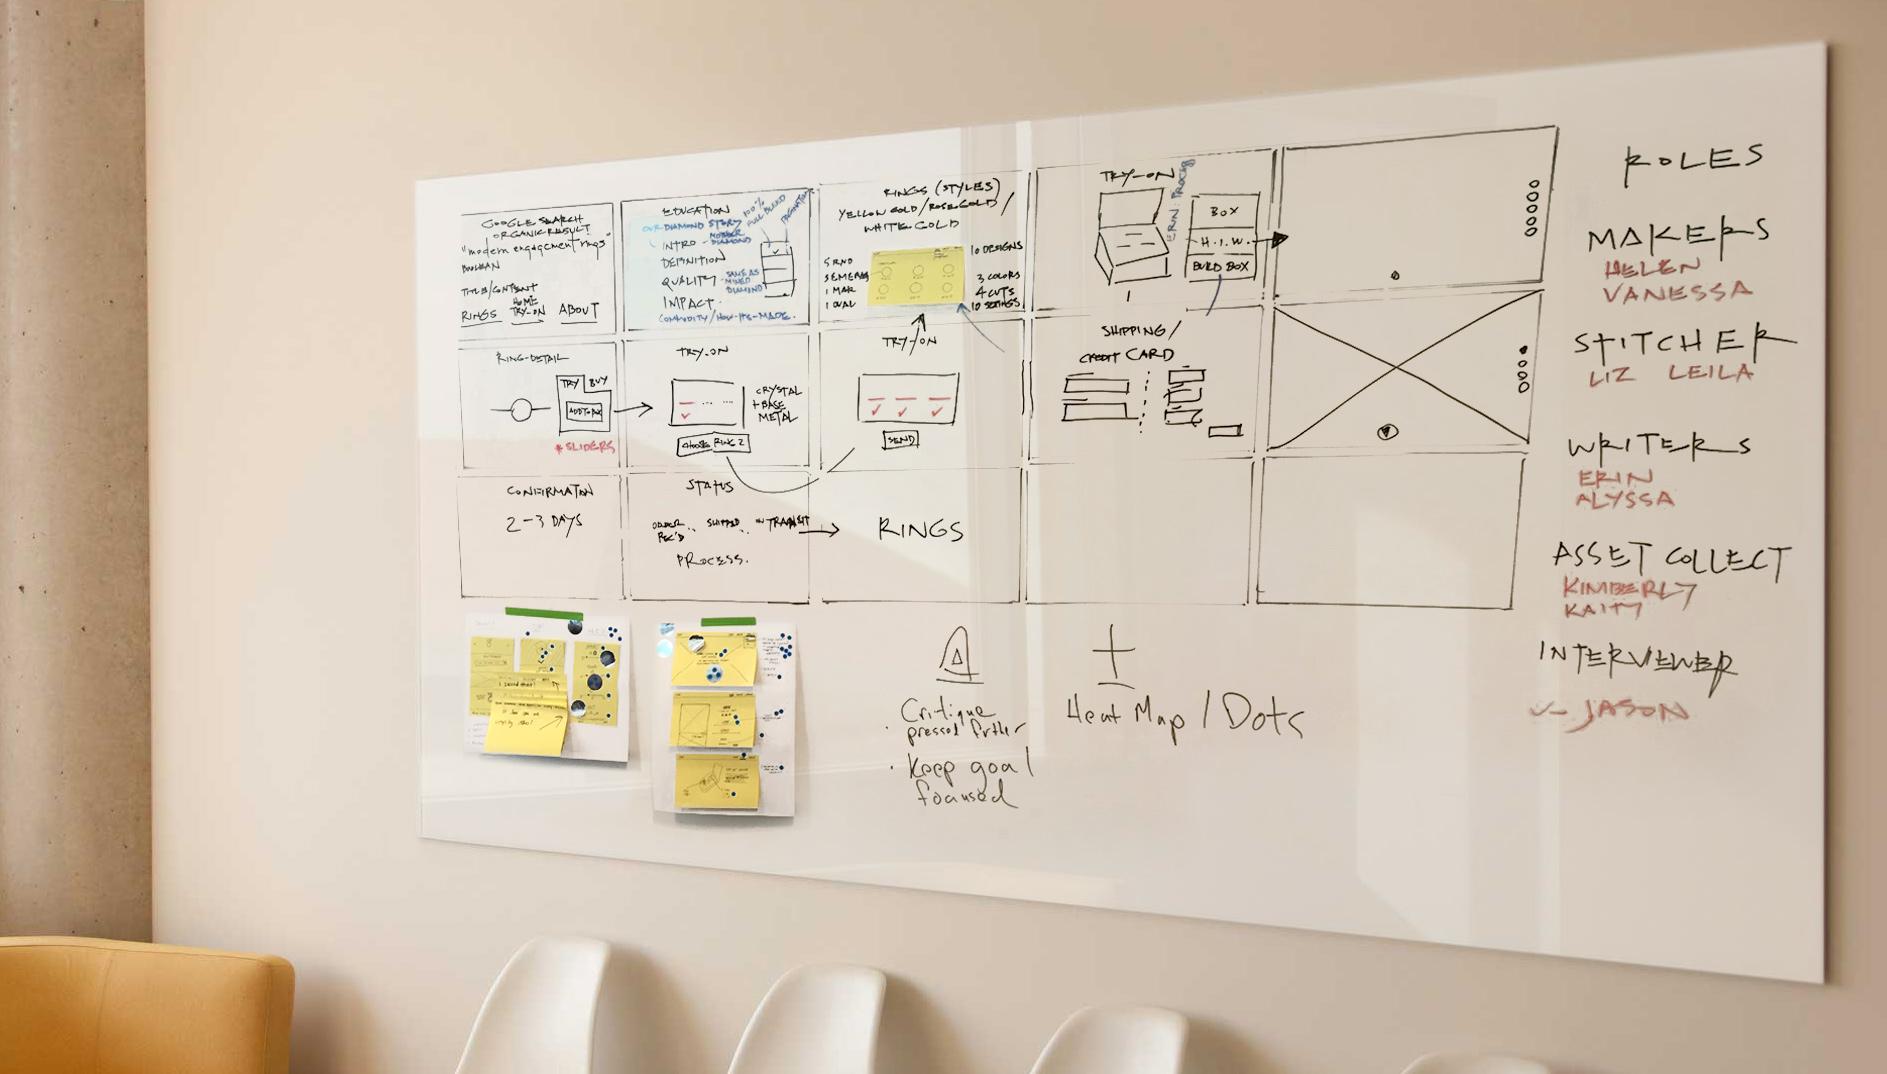 UX-whiteboard-1